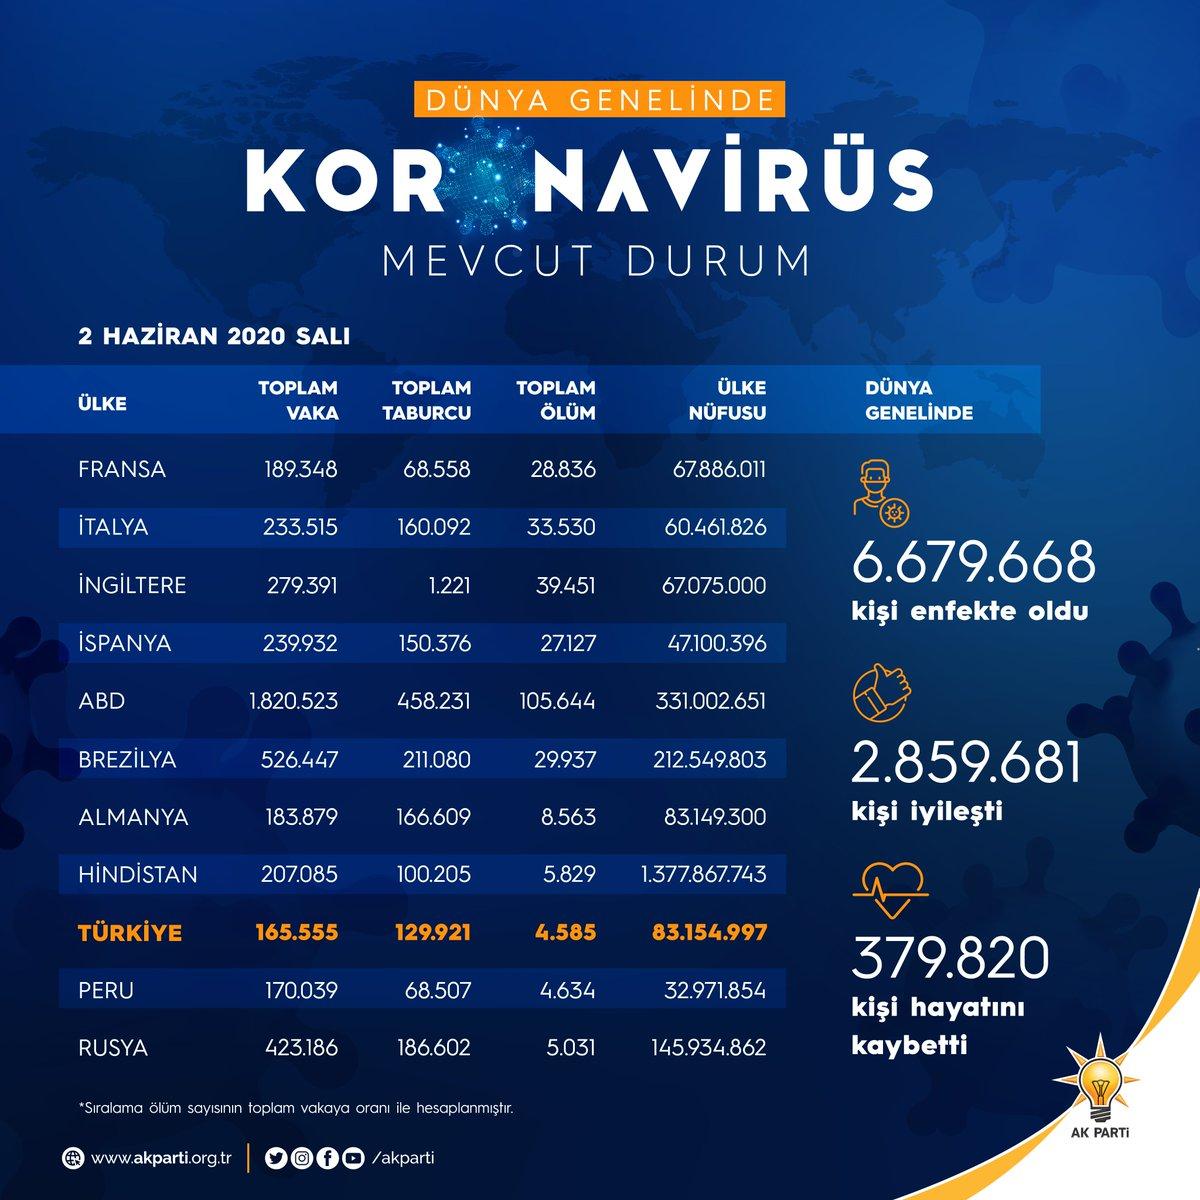 RT @Akparti: Dünya genelinde mevcut koronavirüs tablosu.📊  #BirlikteBaşaracağız #HayatEveSığar https://t.co/CoswGHAqxk